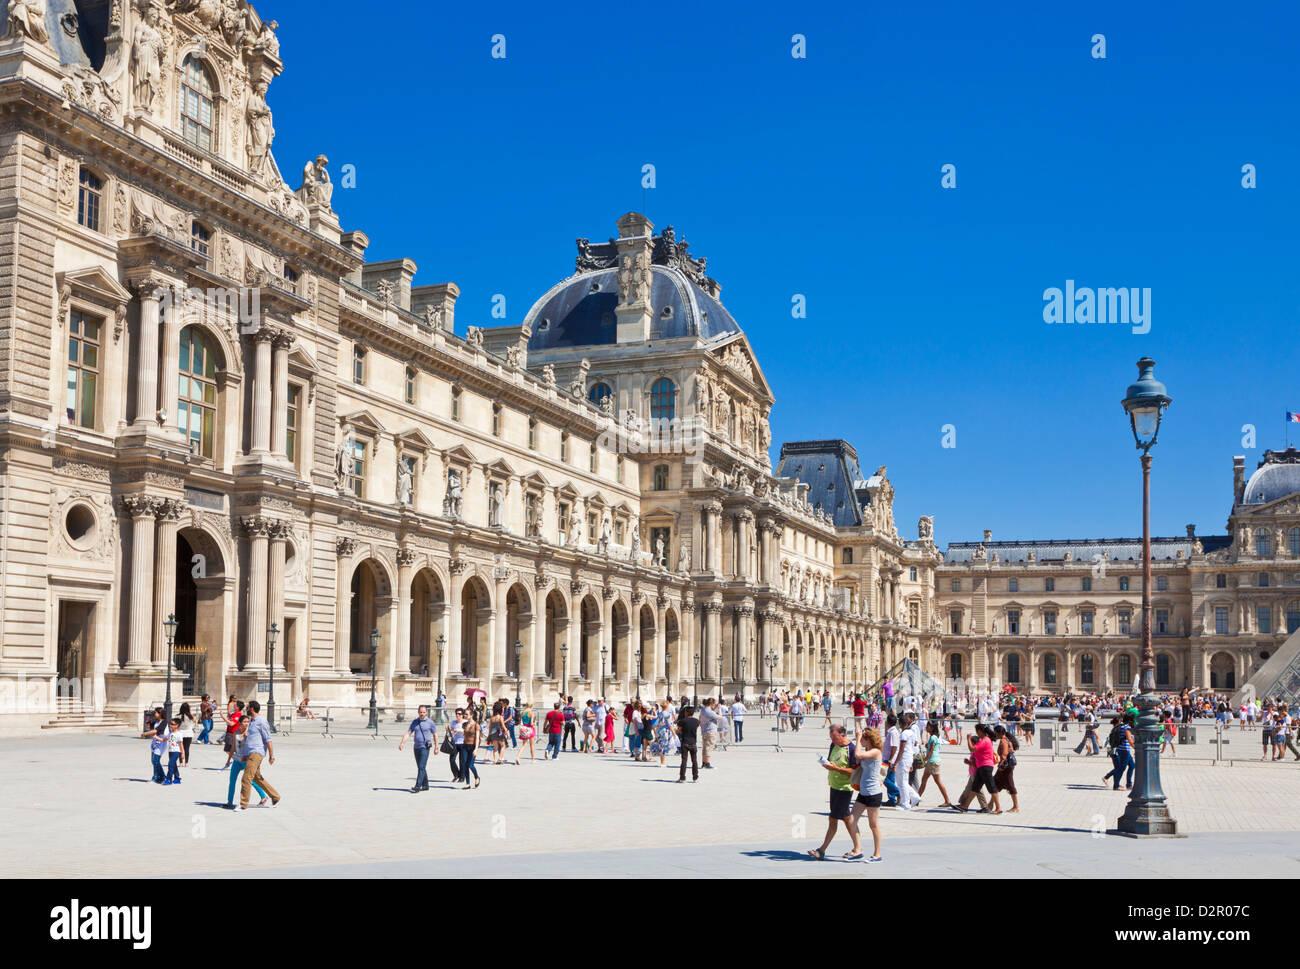 Los turistas en la galería de arte y museo del Louvre, París, Francia, Europa Foto de stock